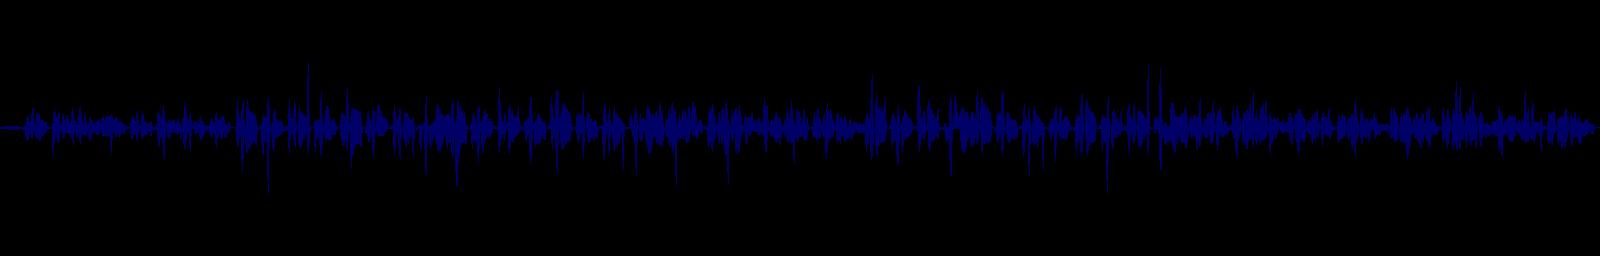 waveform of track #145315